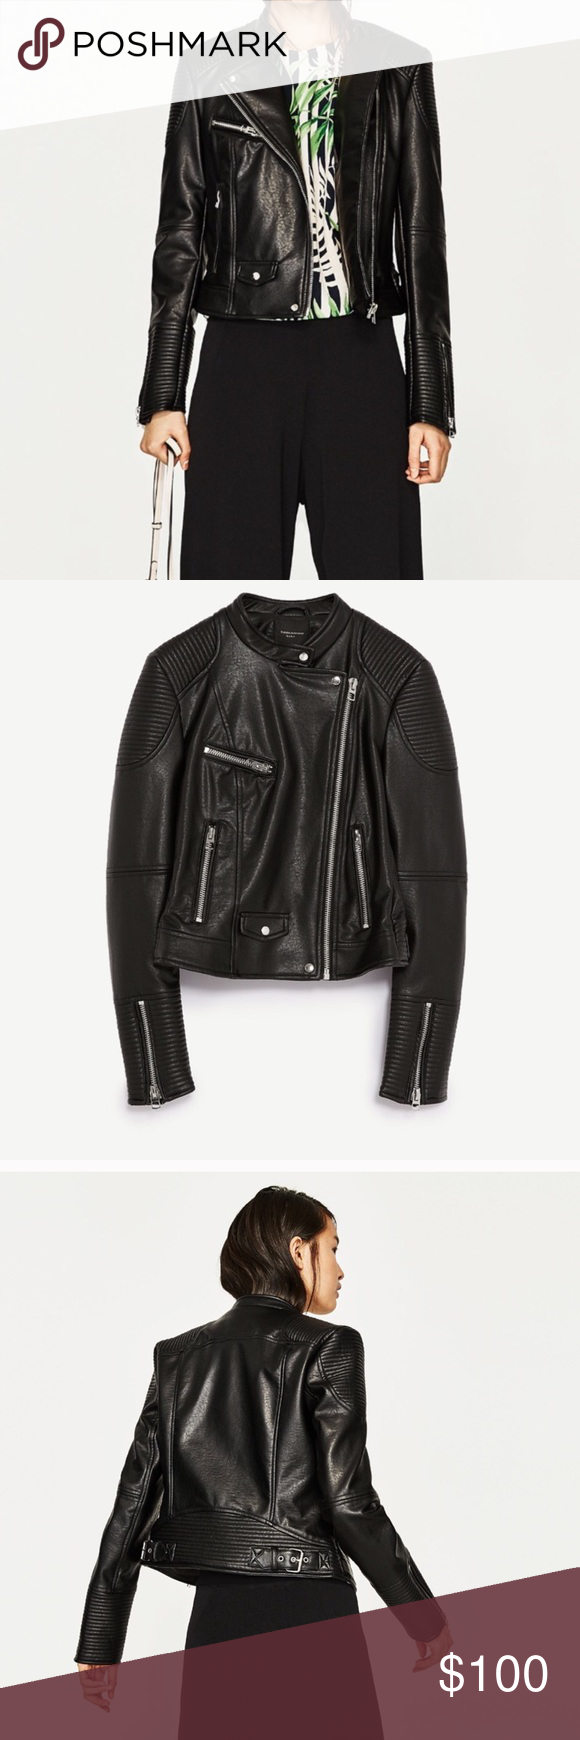 Zara faux leather jacket Rare leather jacket Zara Jackets